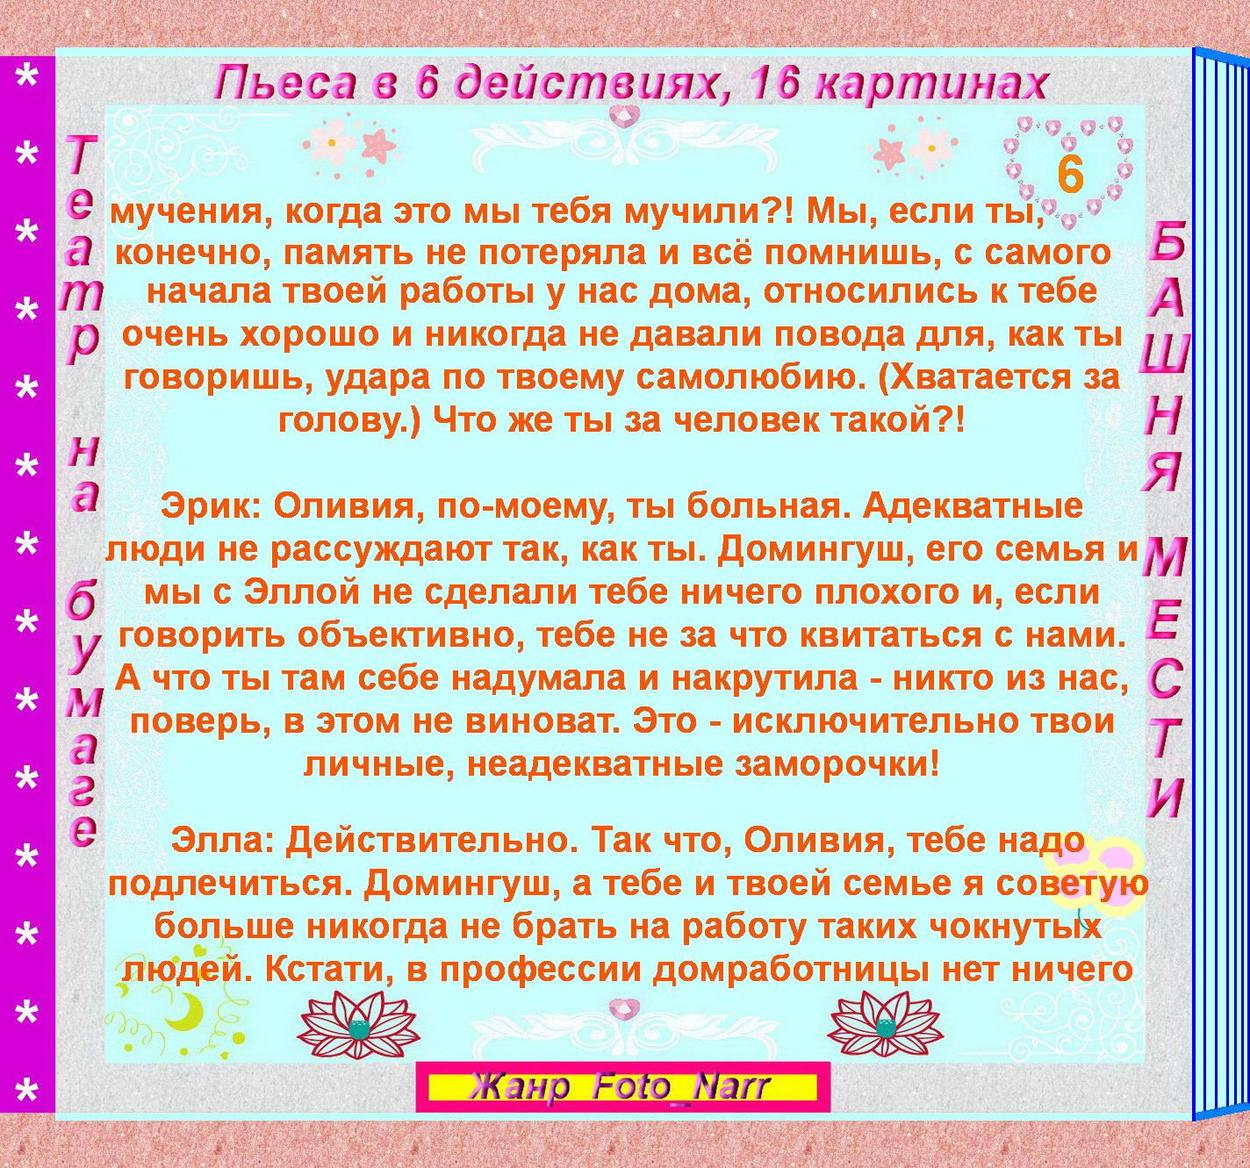 Потешить самолюбие - что это означает? - psychbook.ru